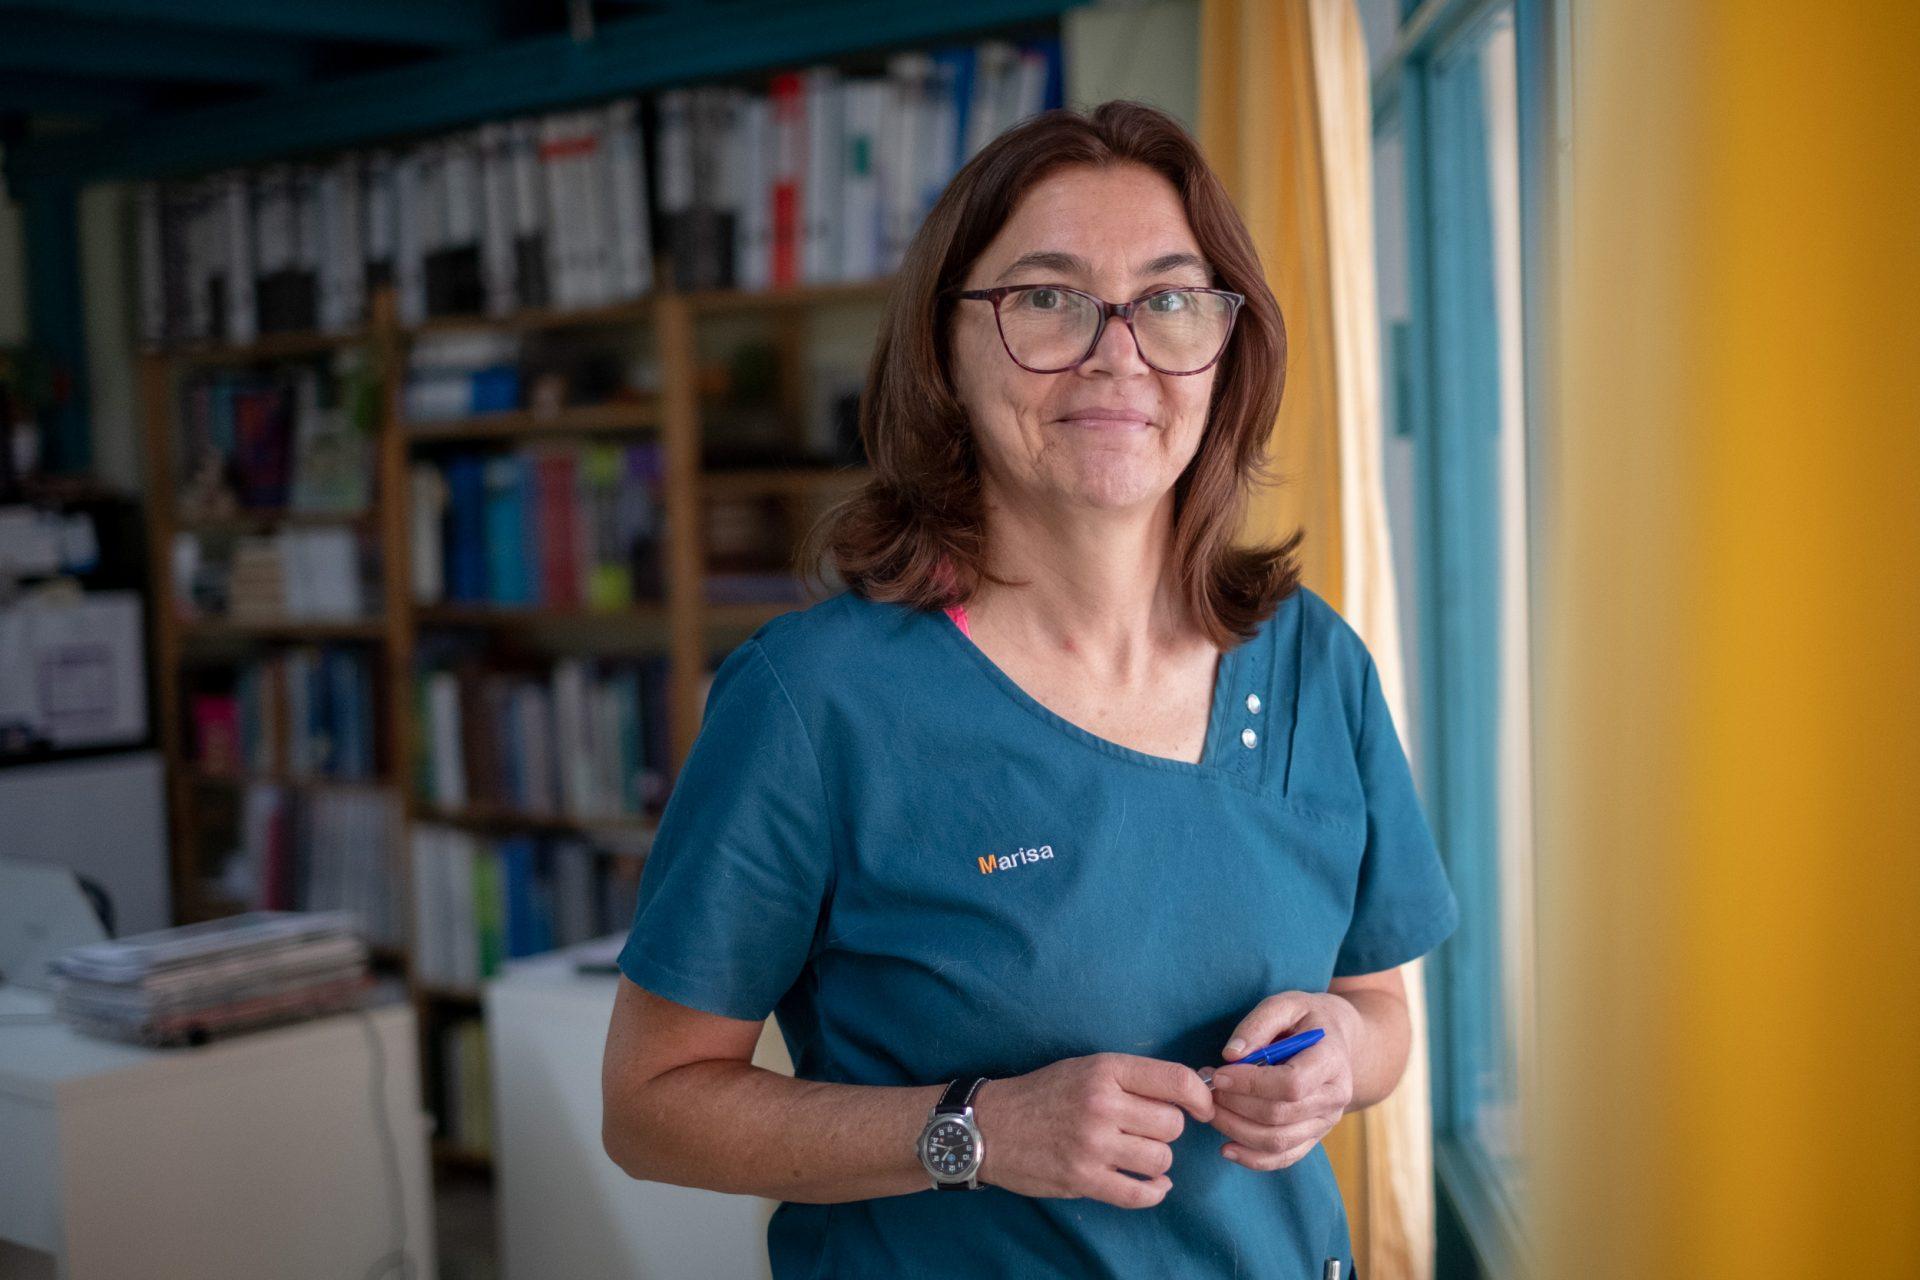 """Fernández, presidenta del Colegio de Veterinarios: """"Somos los únicos sanitarios sin vacunar"""". FRAN PALLERO"""